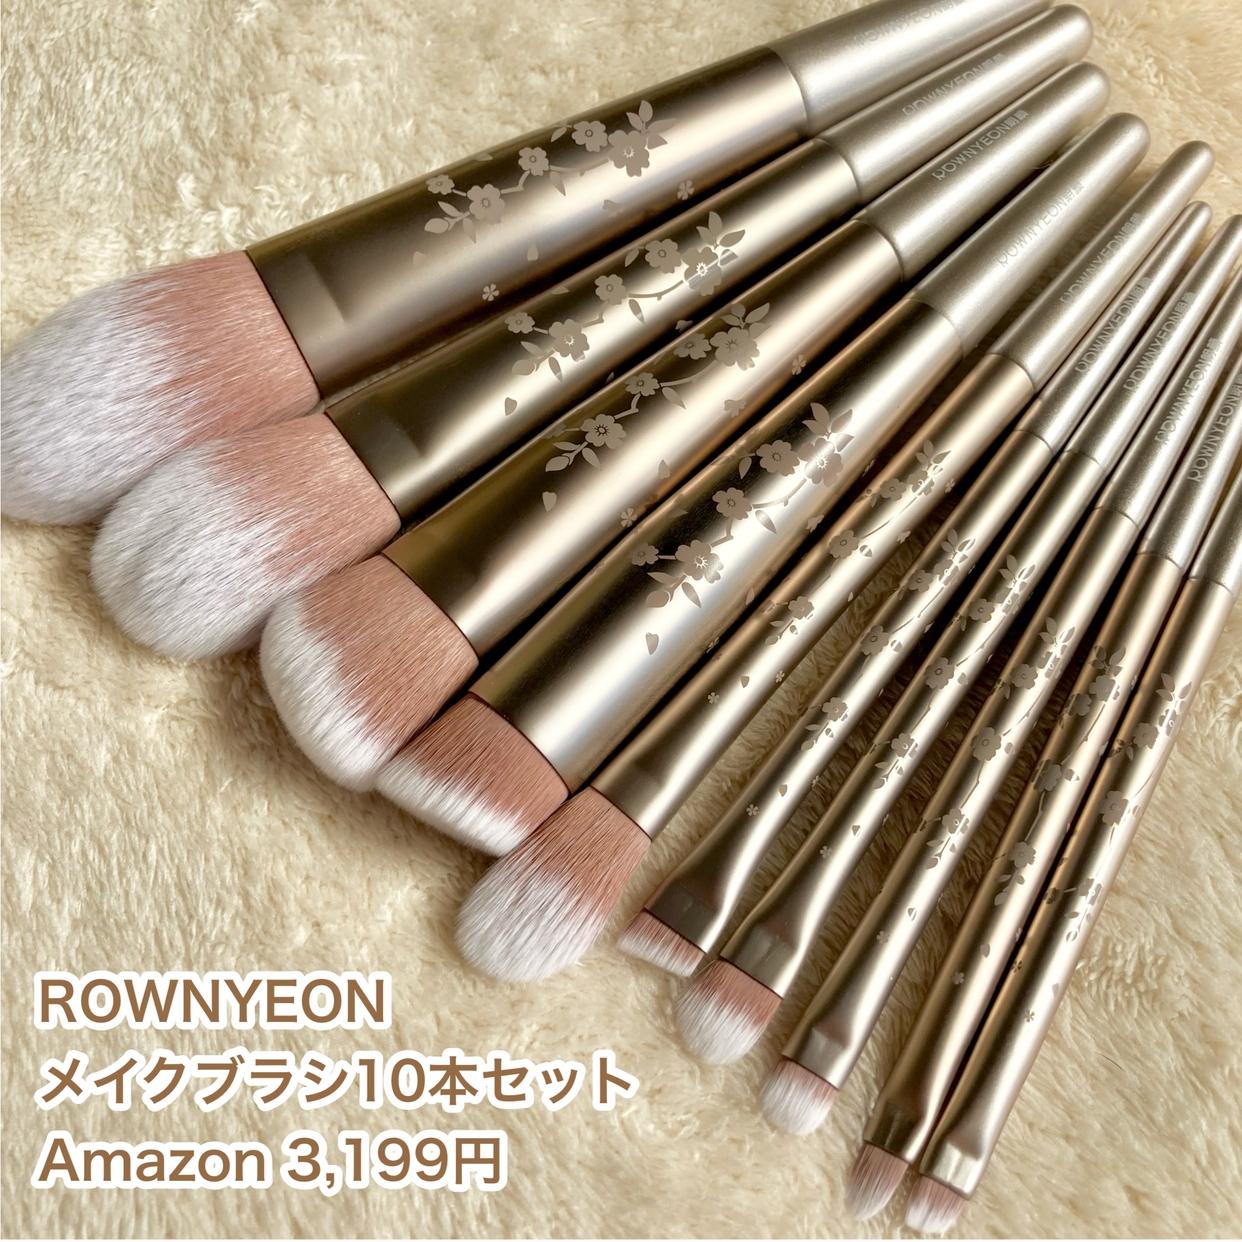 ROWNYEON(ローイオン)金梅シリーズ メイクブラシセット 10本を使った☆ふくすけ☆さんのクチコミ画像1